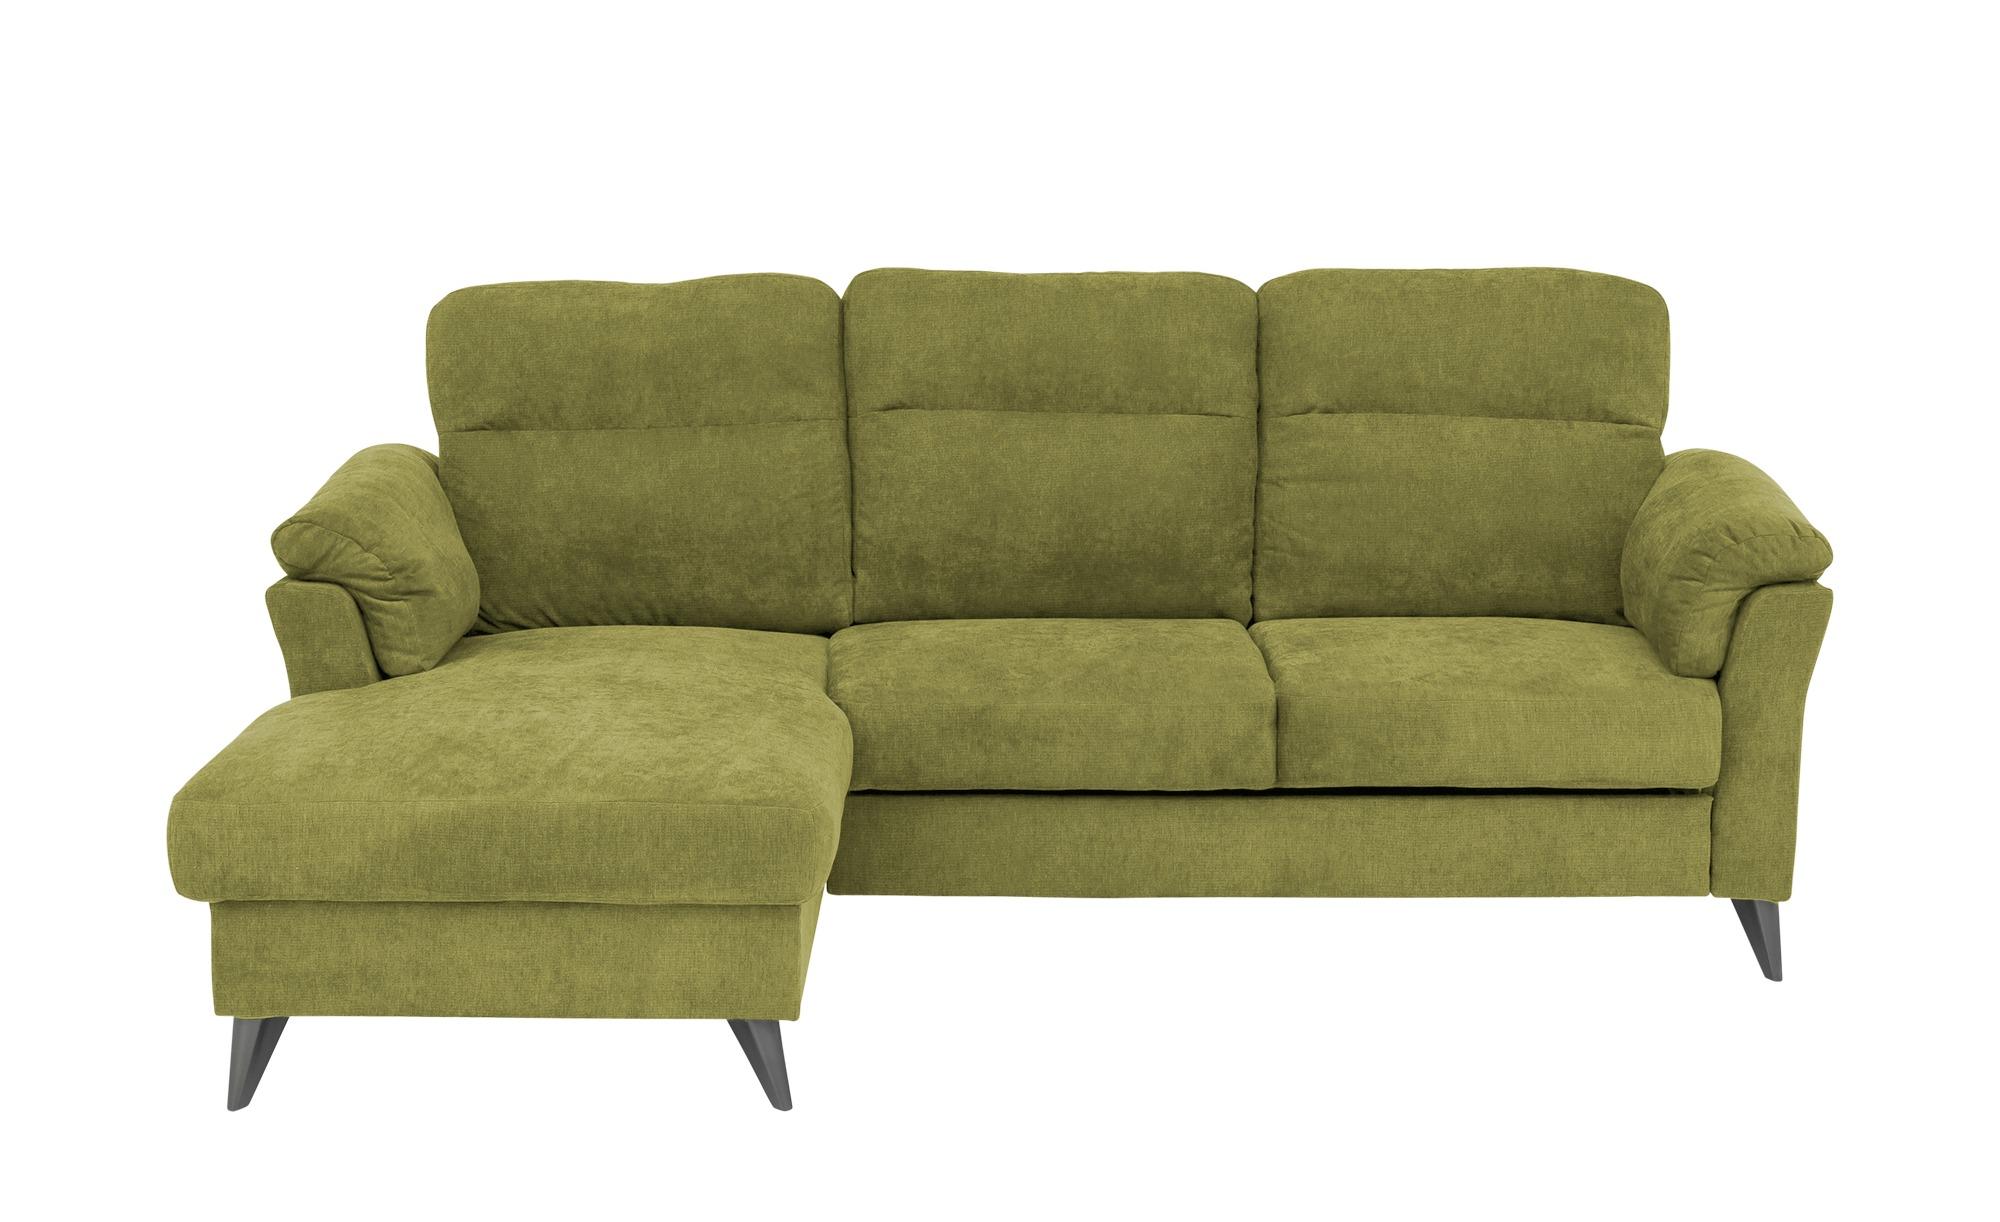 Ecksofa  Paola ¦ grün ¦ Maße (cm): H: 80 Polstermöbel > Sofas > Ecksofas - Höffner